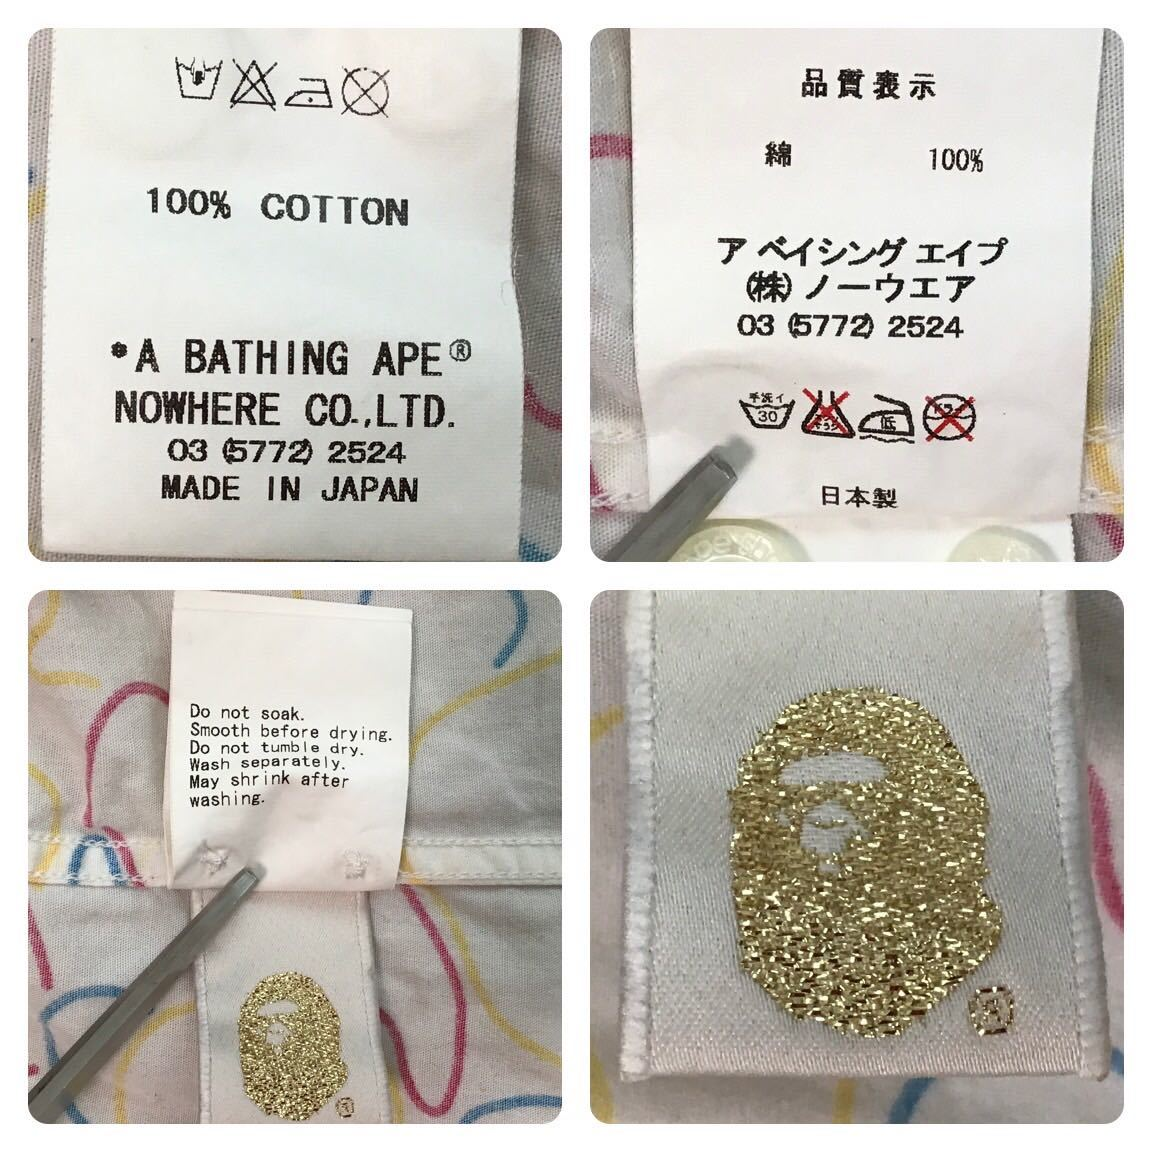 Neon camo BD 長袖シャツ Lサイズ a bathing ape BAPE エイプ ベイプ アベイシングエイプ 迷彩 ネオンカモ ee18